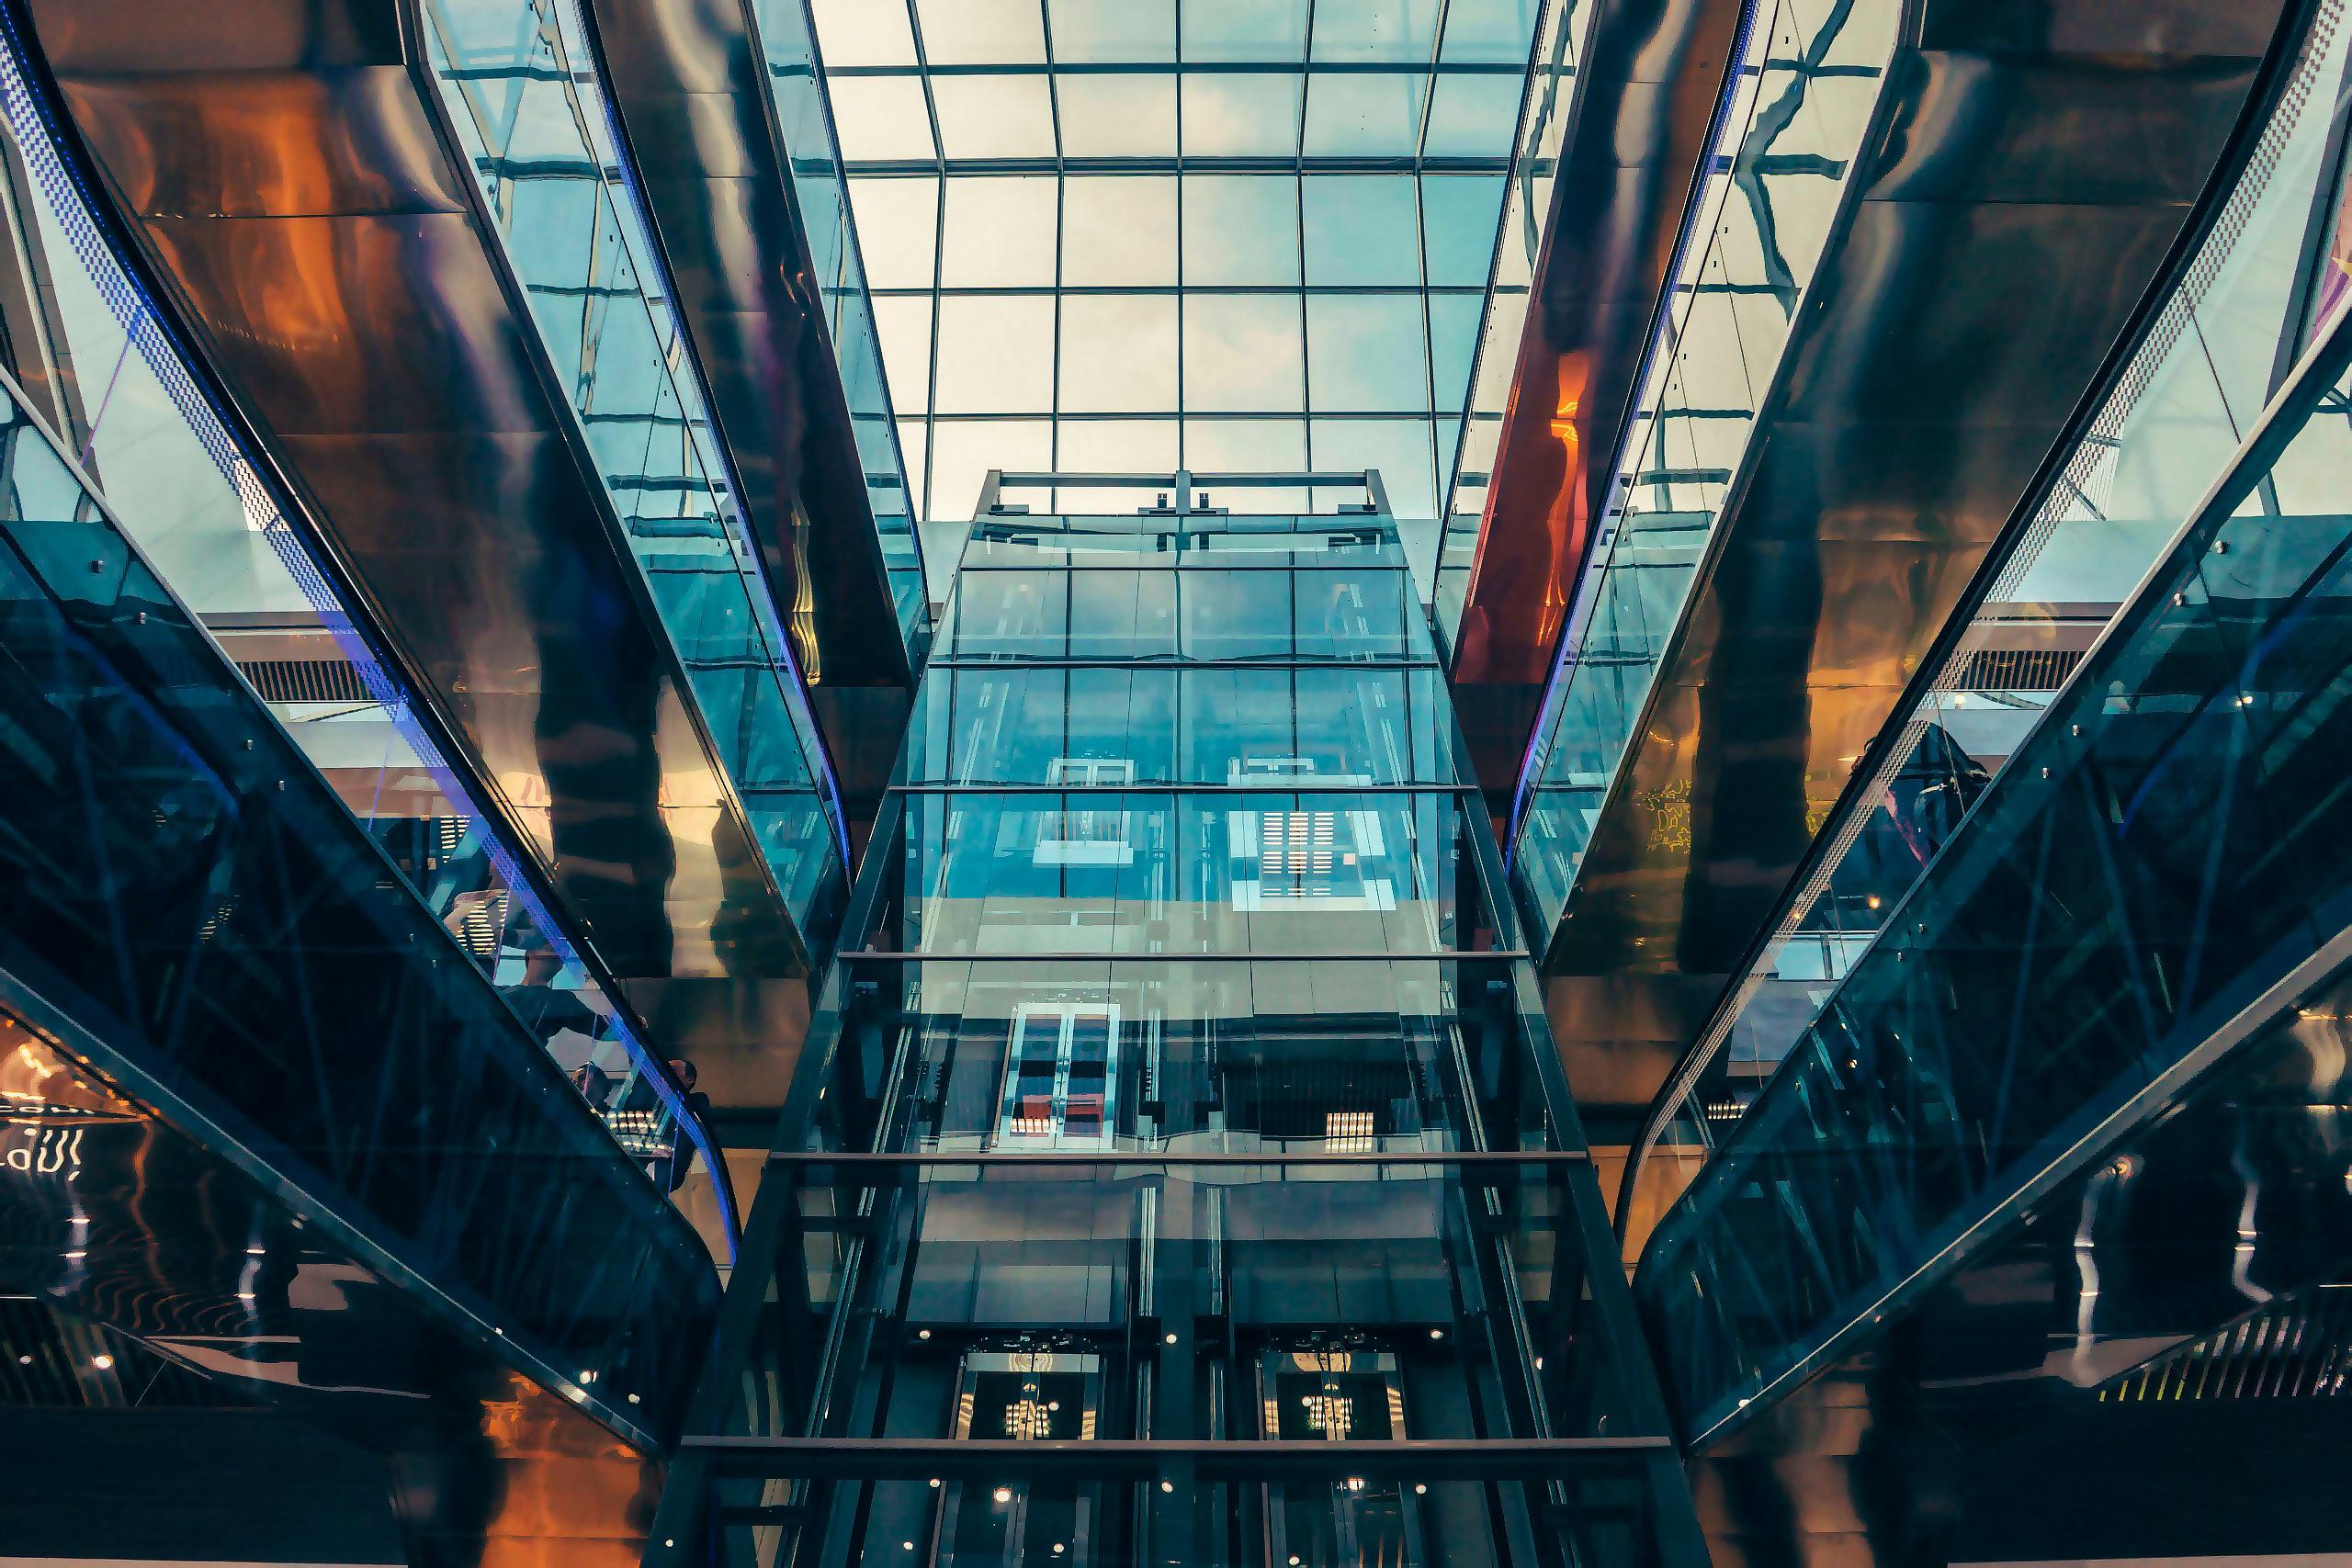 Stehlen Modern kostenlose foto licht die architektur gebäude stadt